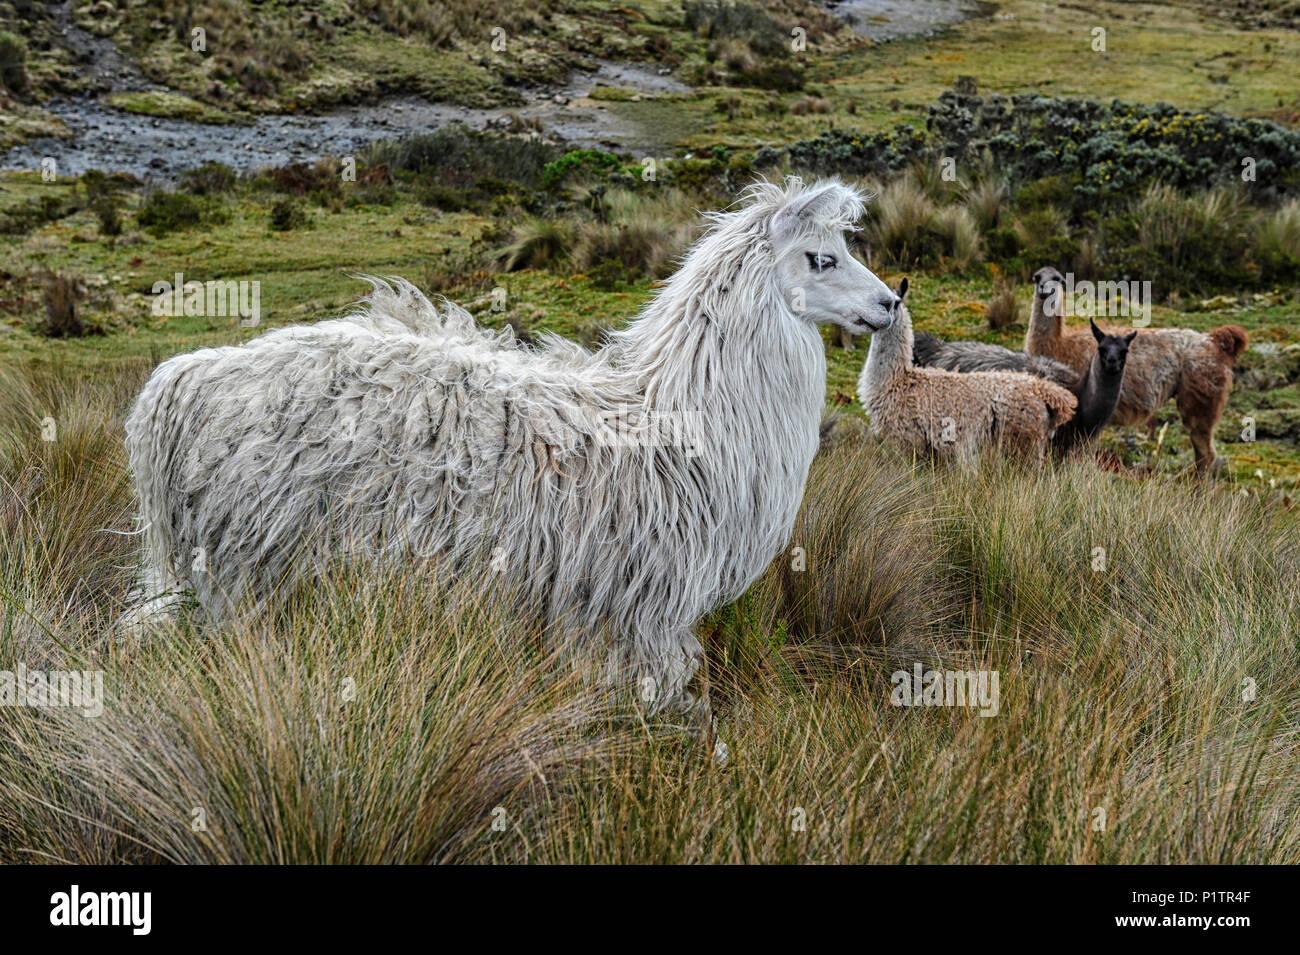 En alpacas y llamas theEl Cajas National Park o Cajas National Park es un parque nacional en la Sierra del Ecuador. Imagen De Stock